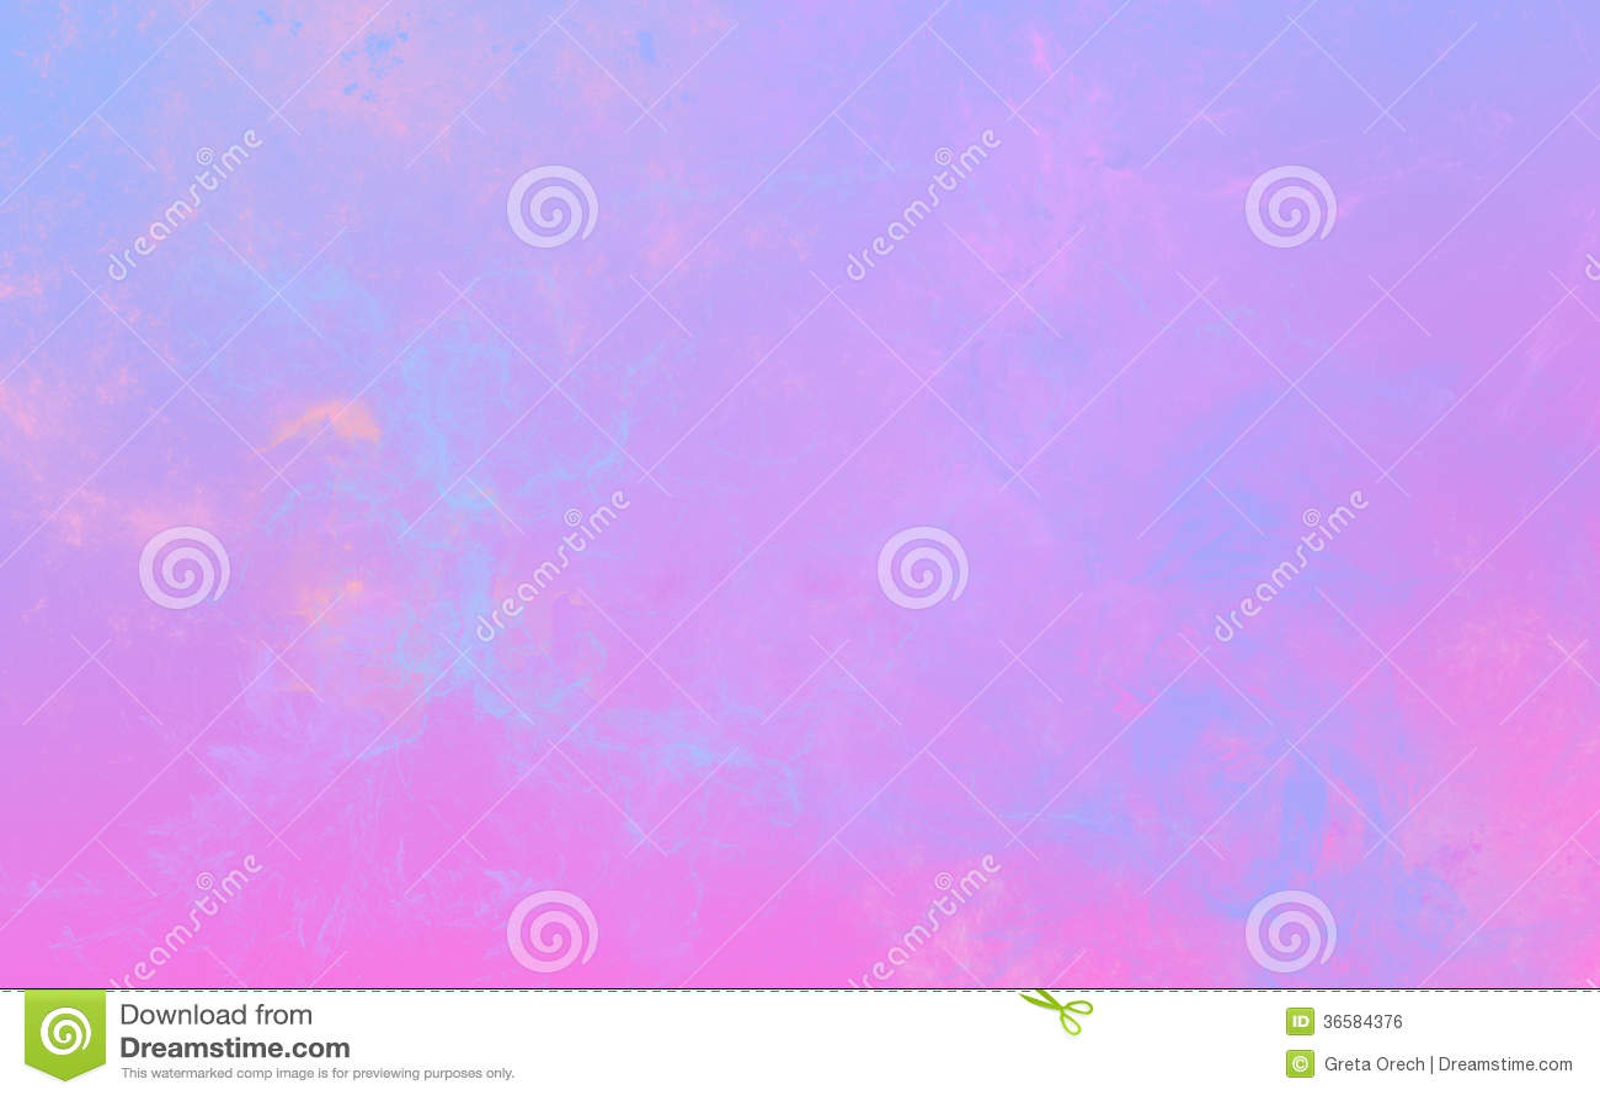 Gullig pastellfärgad bakgrund/tapet